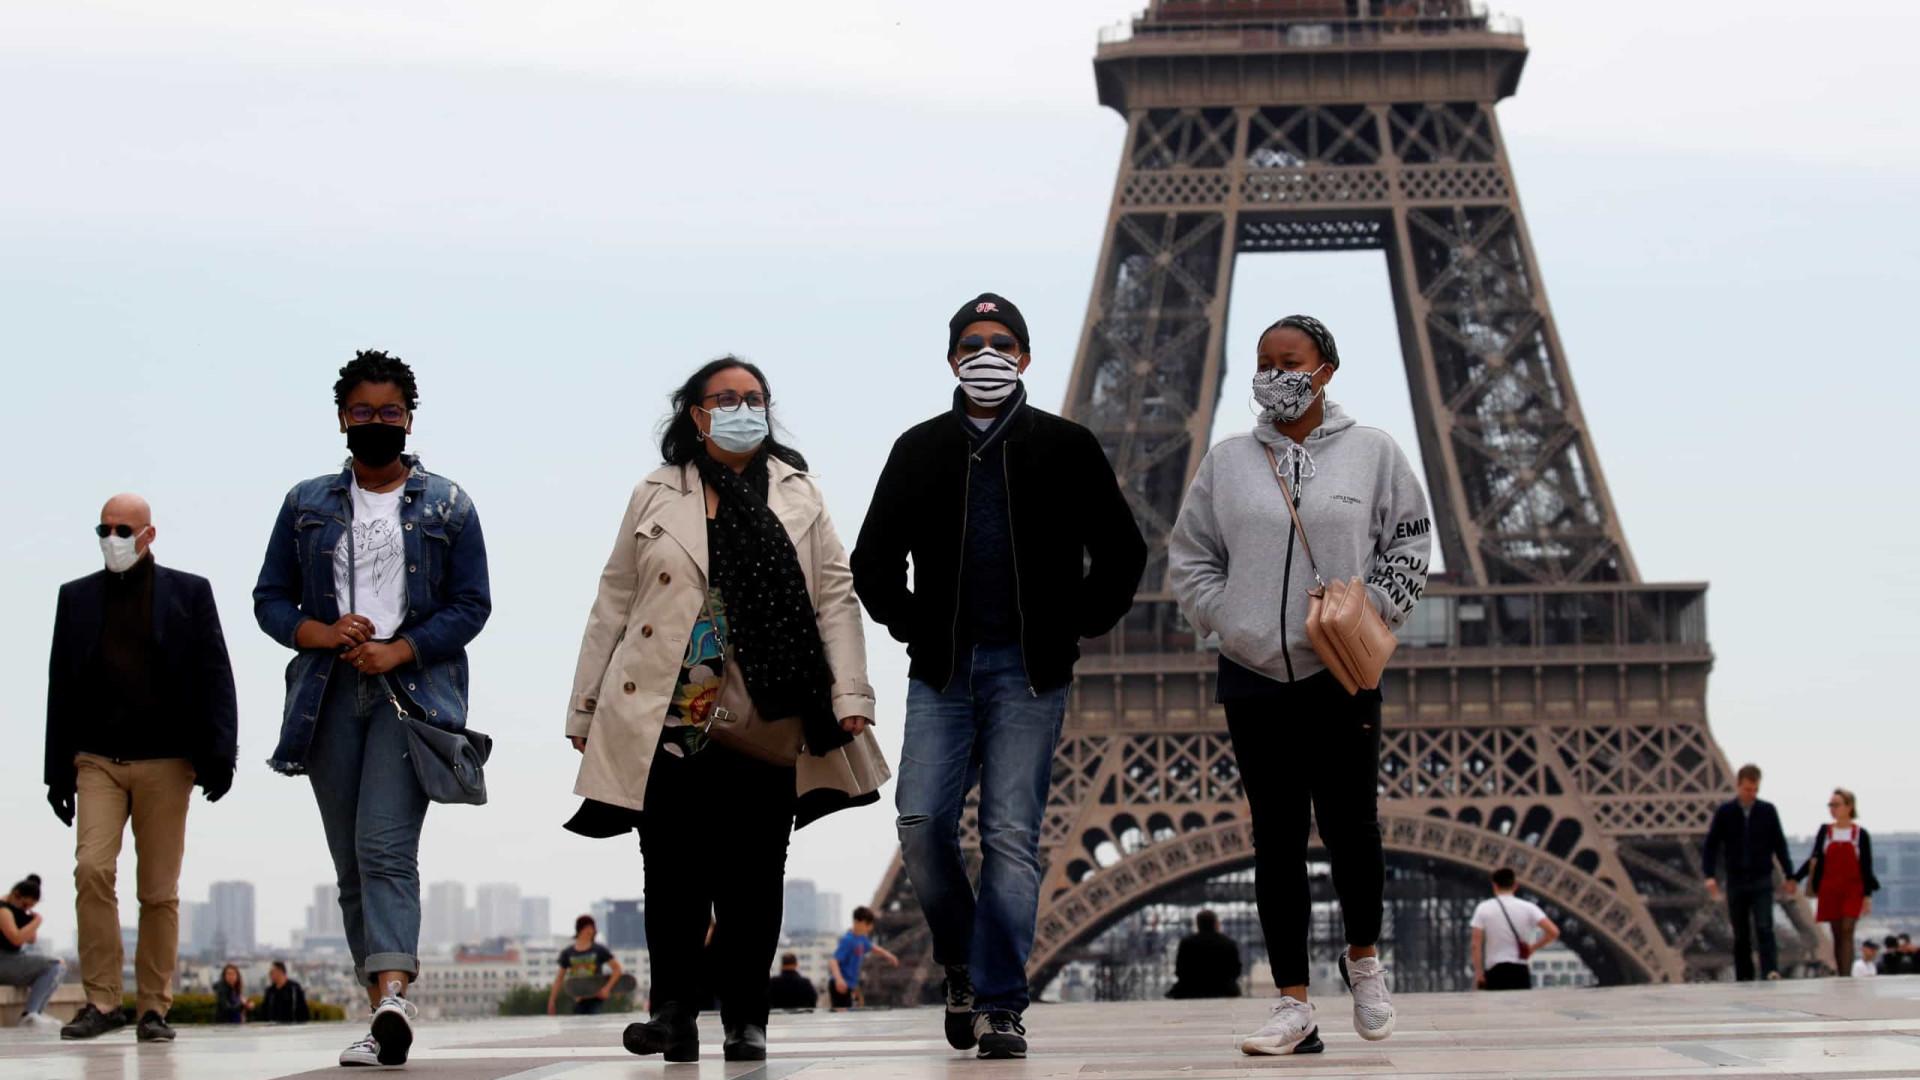 França quer que cidadãos passem férias de verão no país